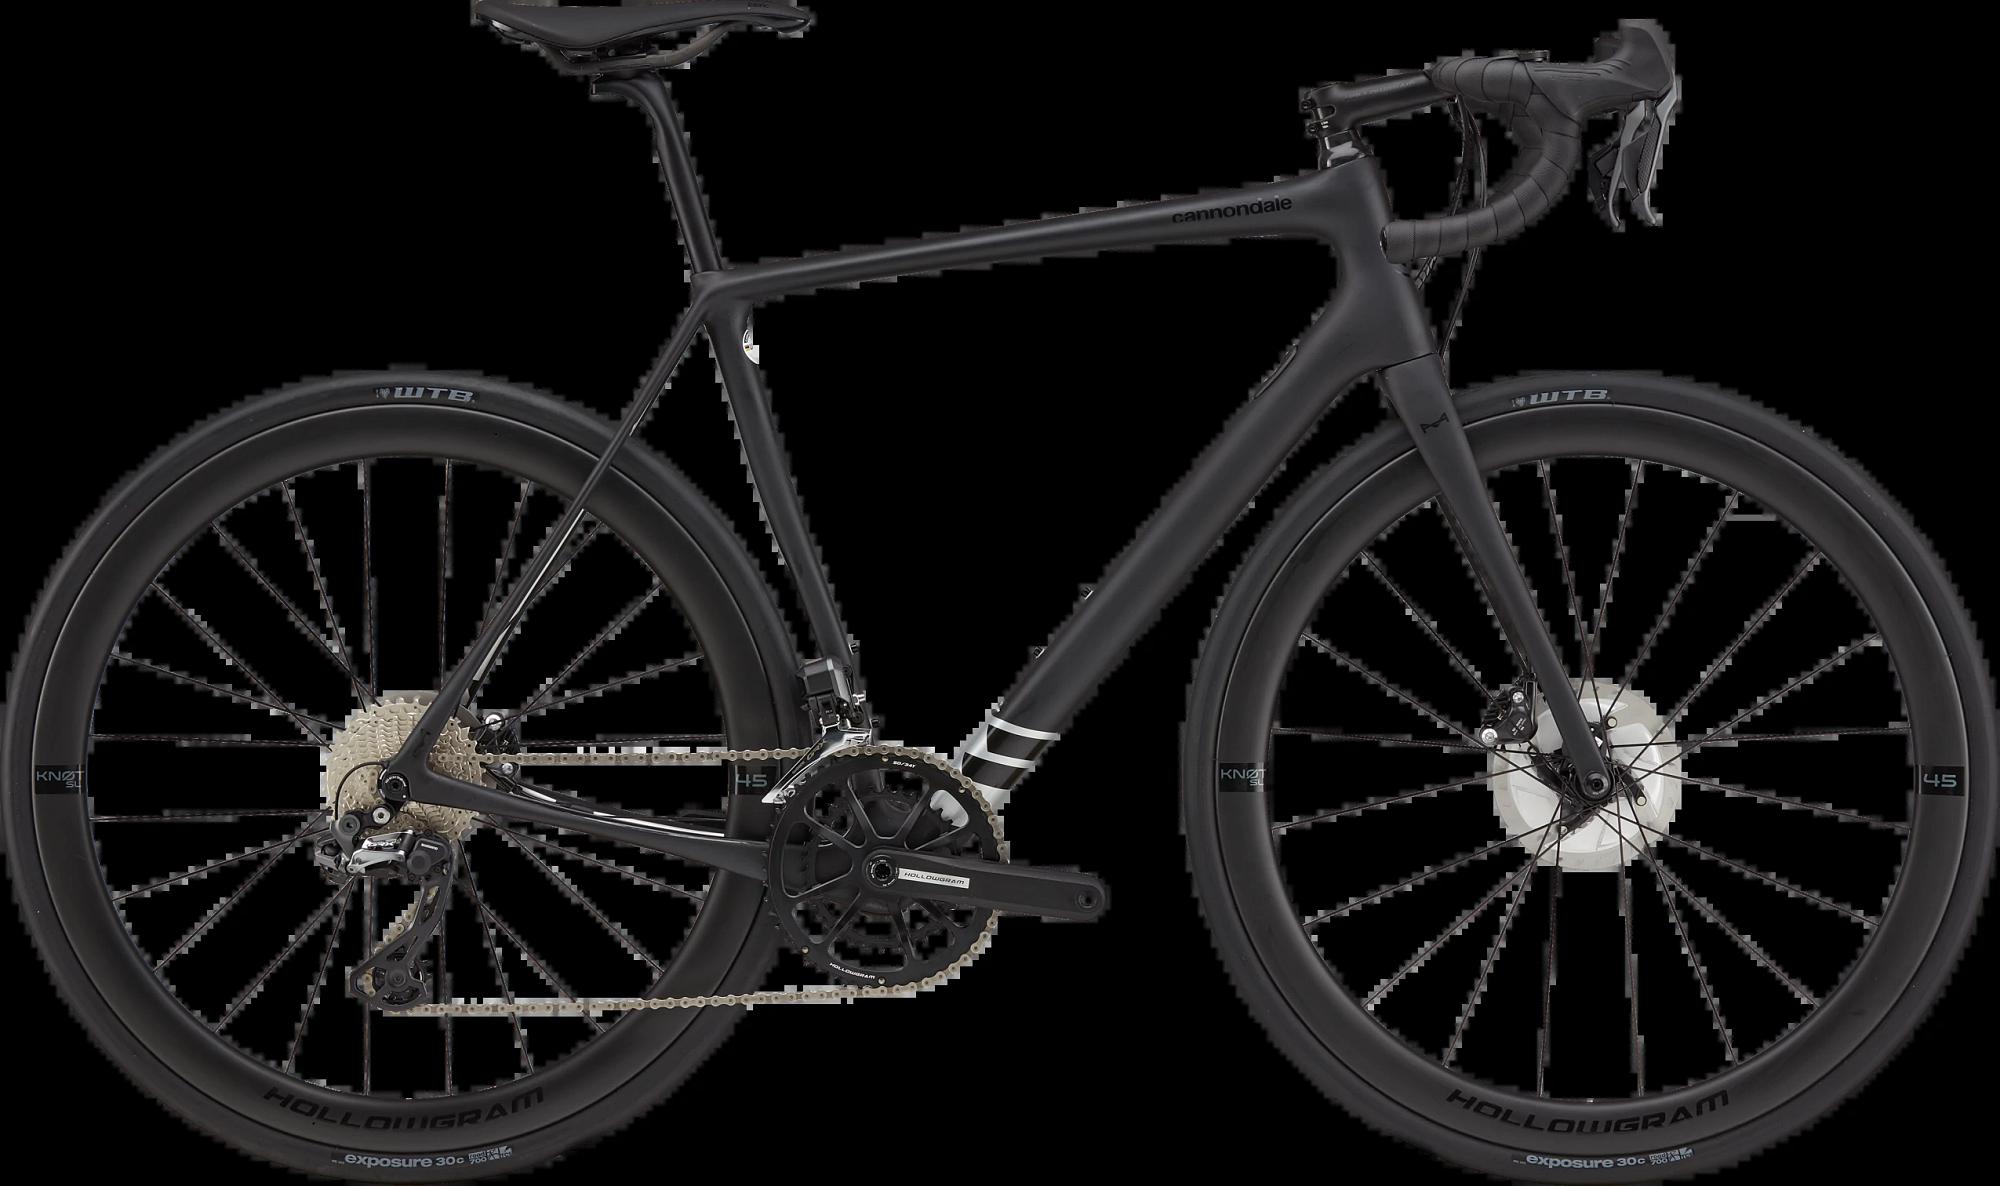 Endurance road bike